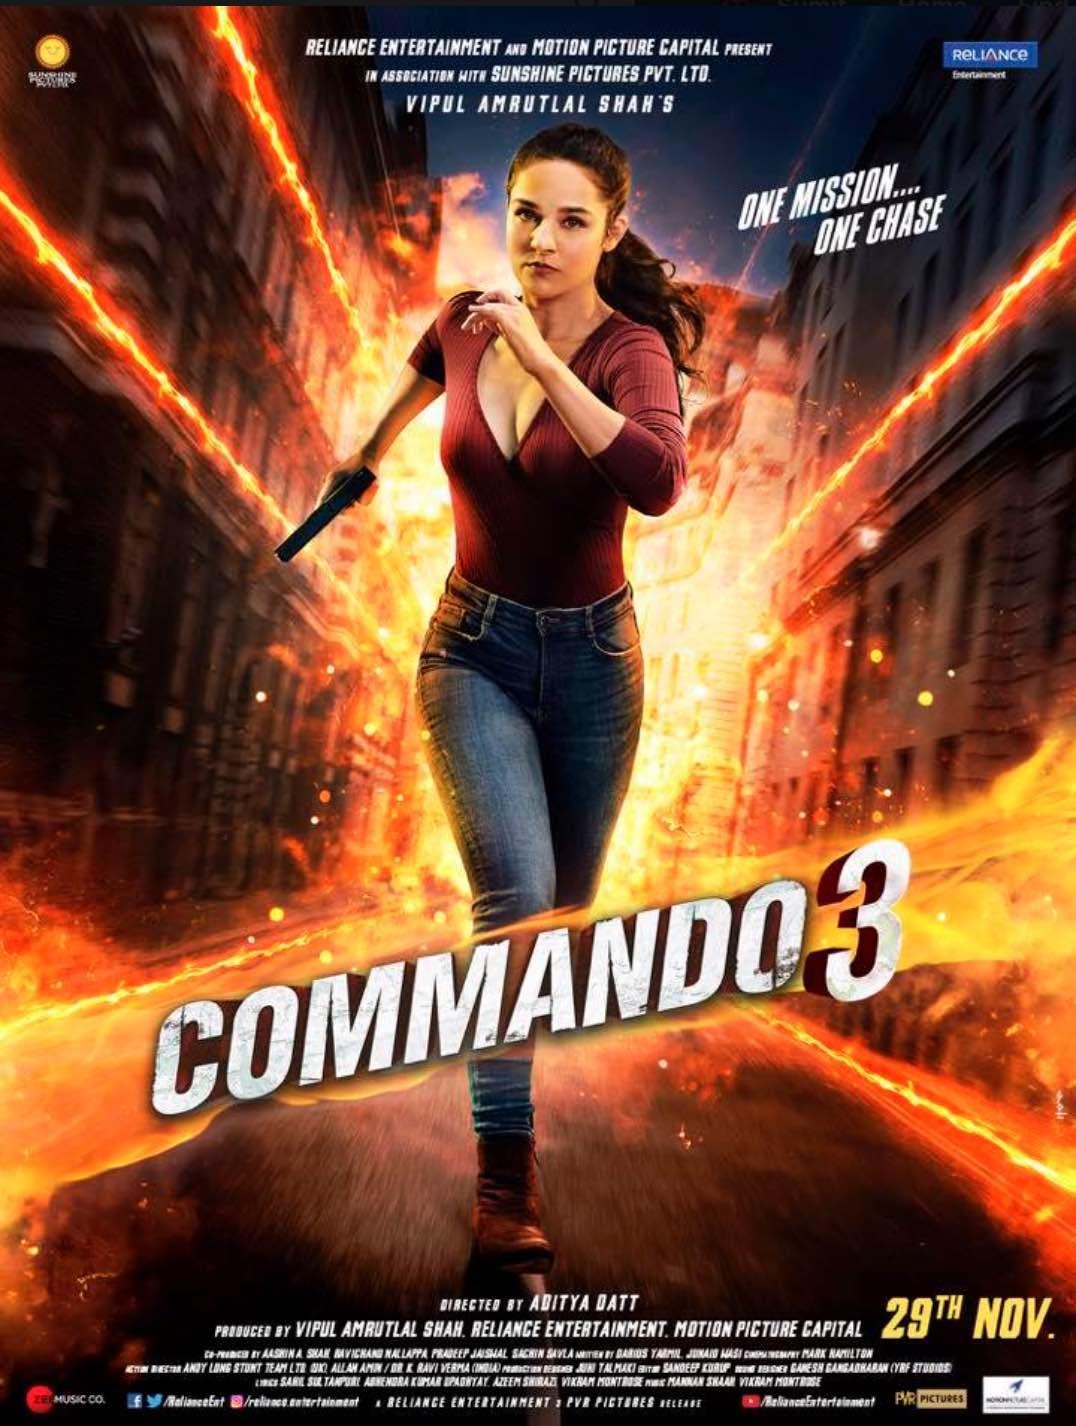 commando_3_poster